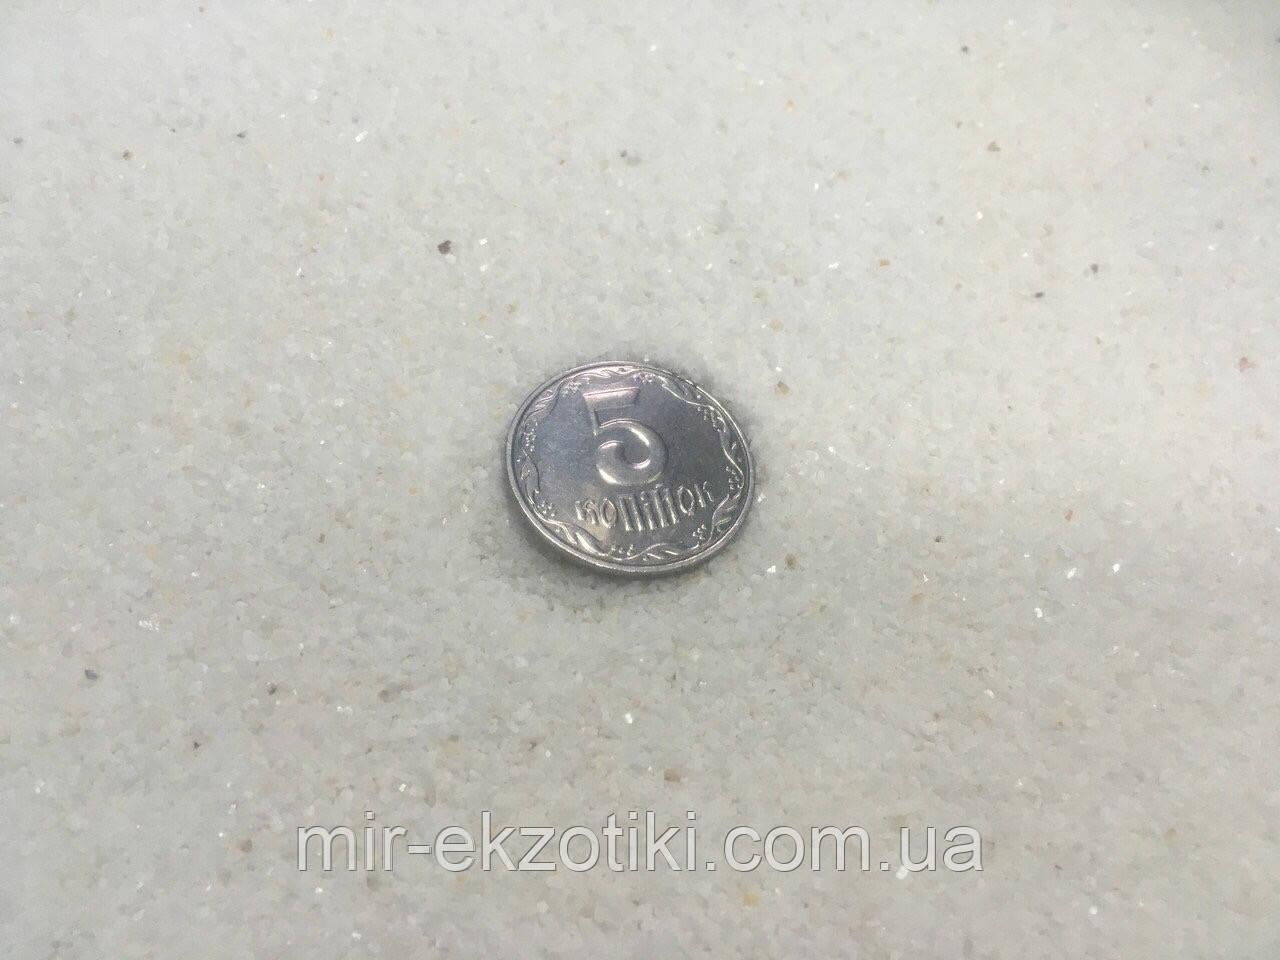 Грунт для аквариума белый (0,5-1мм) песок мраморный  1кг